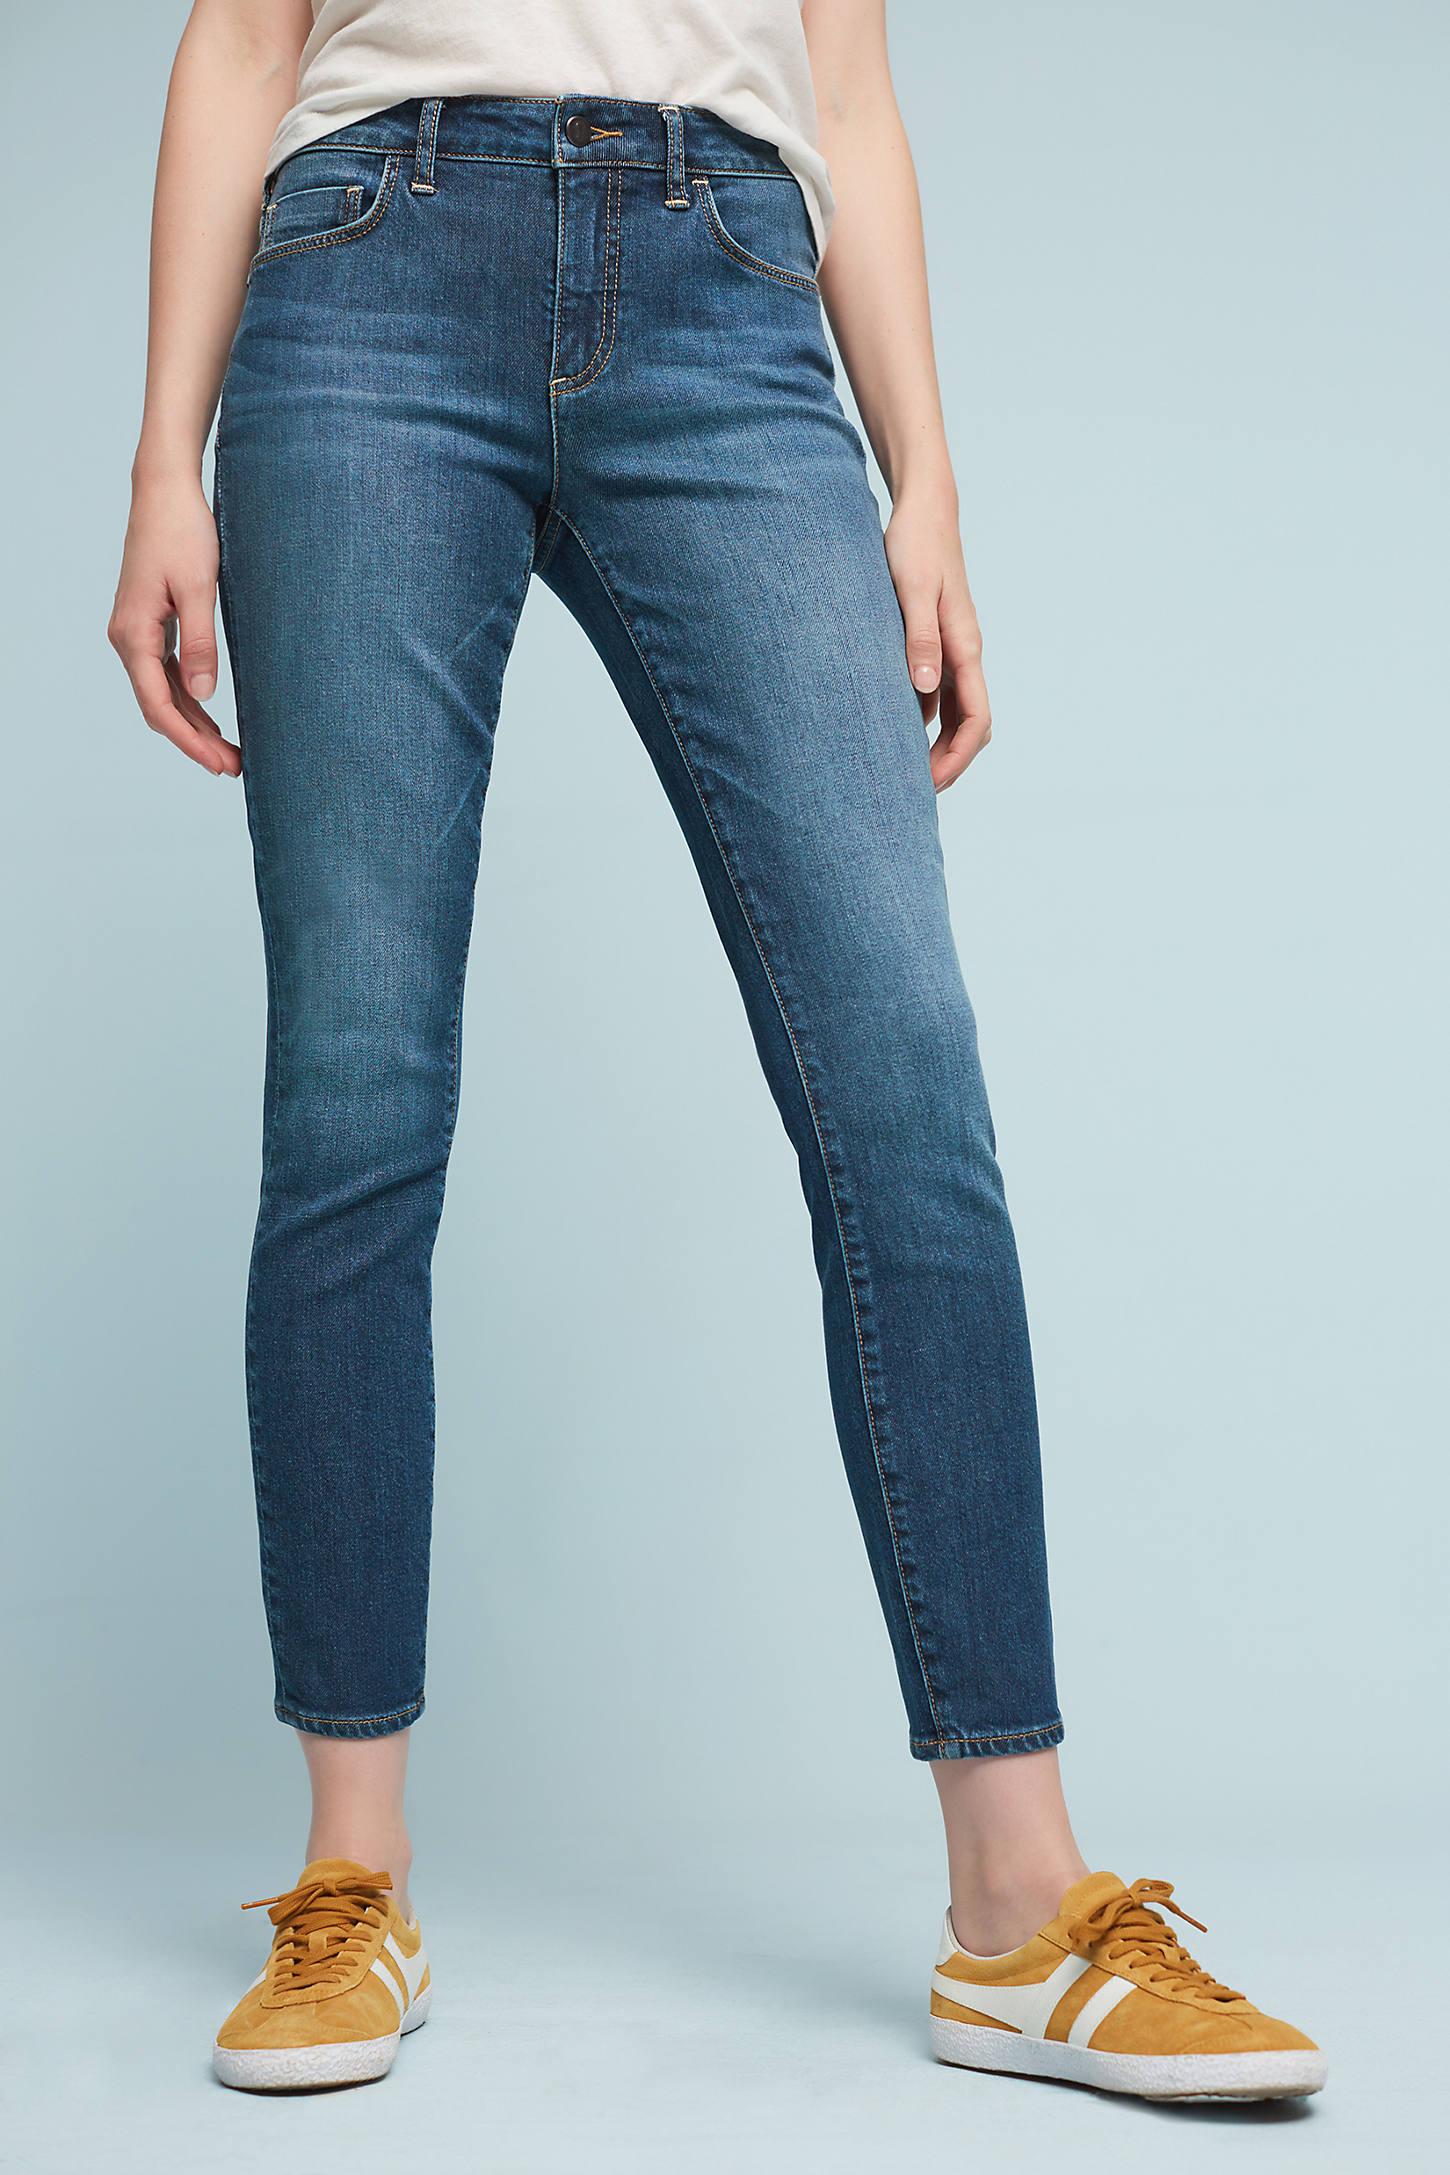 Pilcro Script High-Rise Skinny Jeans